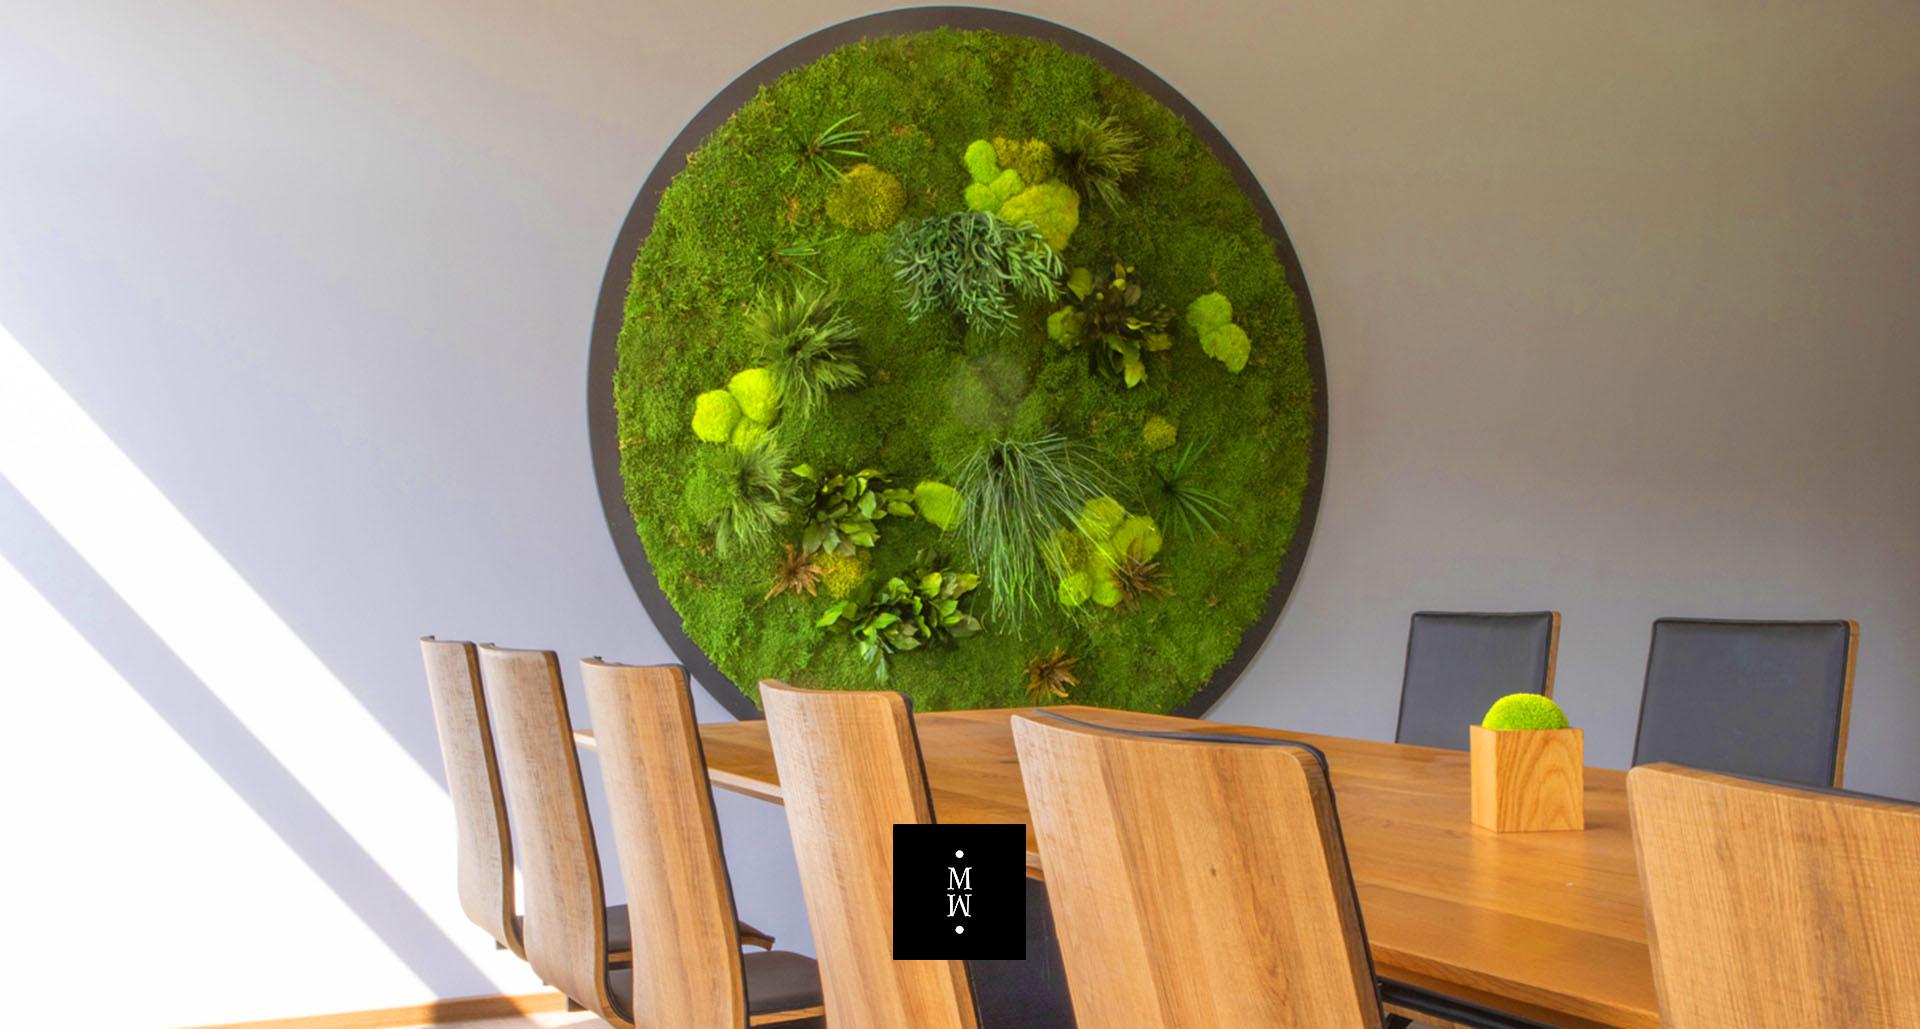 Moosbild Rund Ballenmoos Wandmoos Pflanzen Durchmesser 200 cm